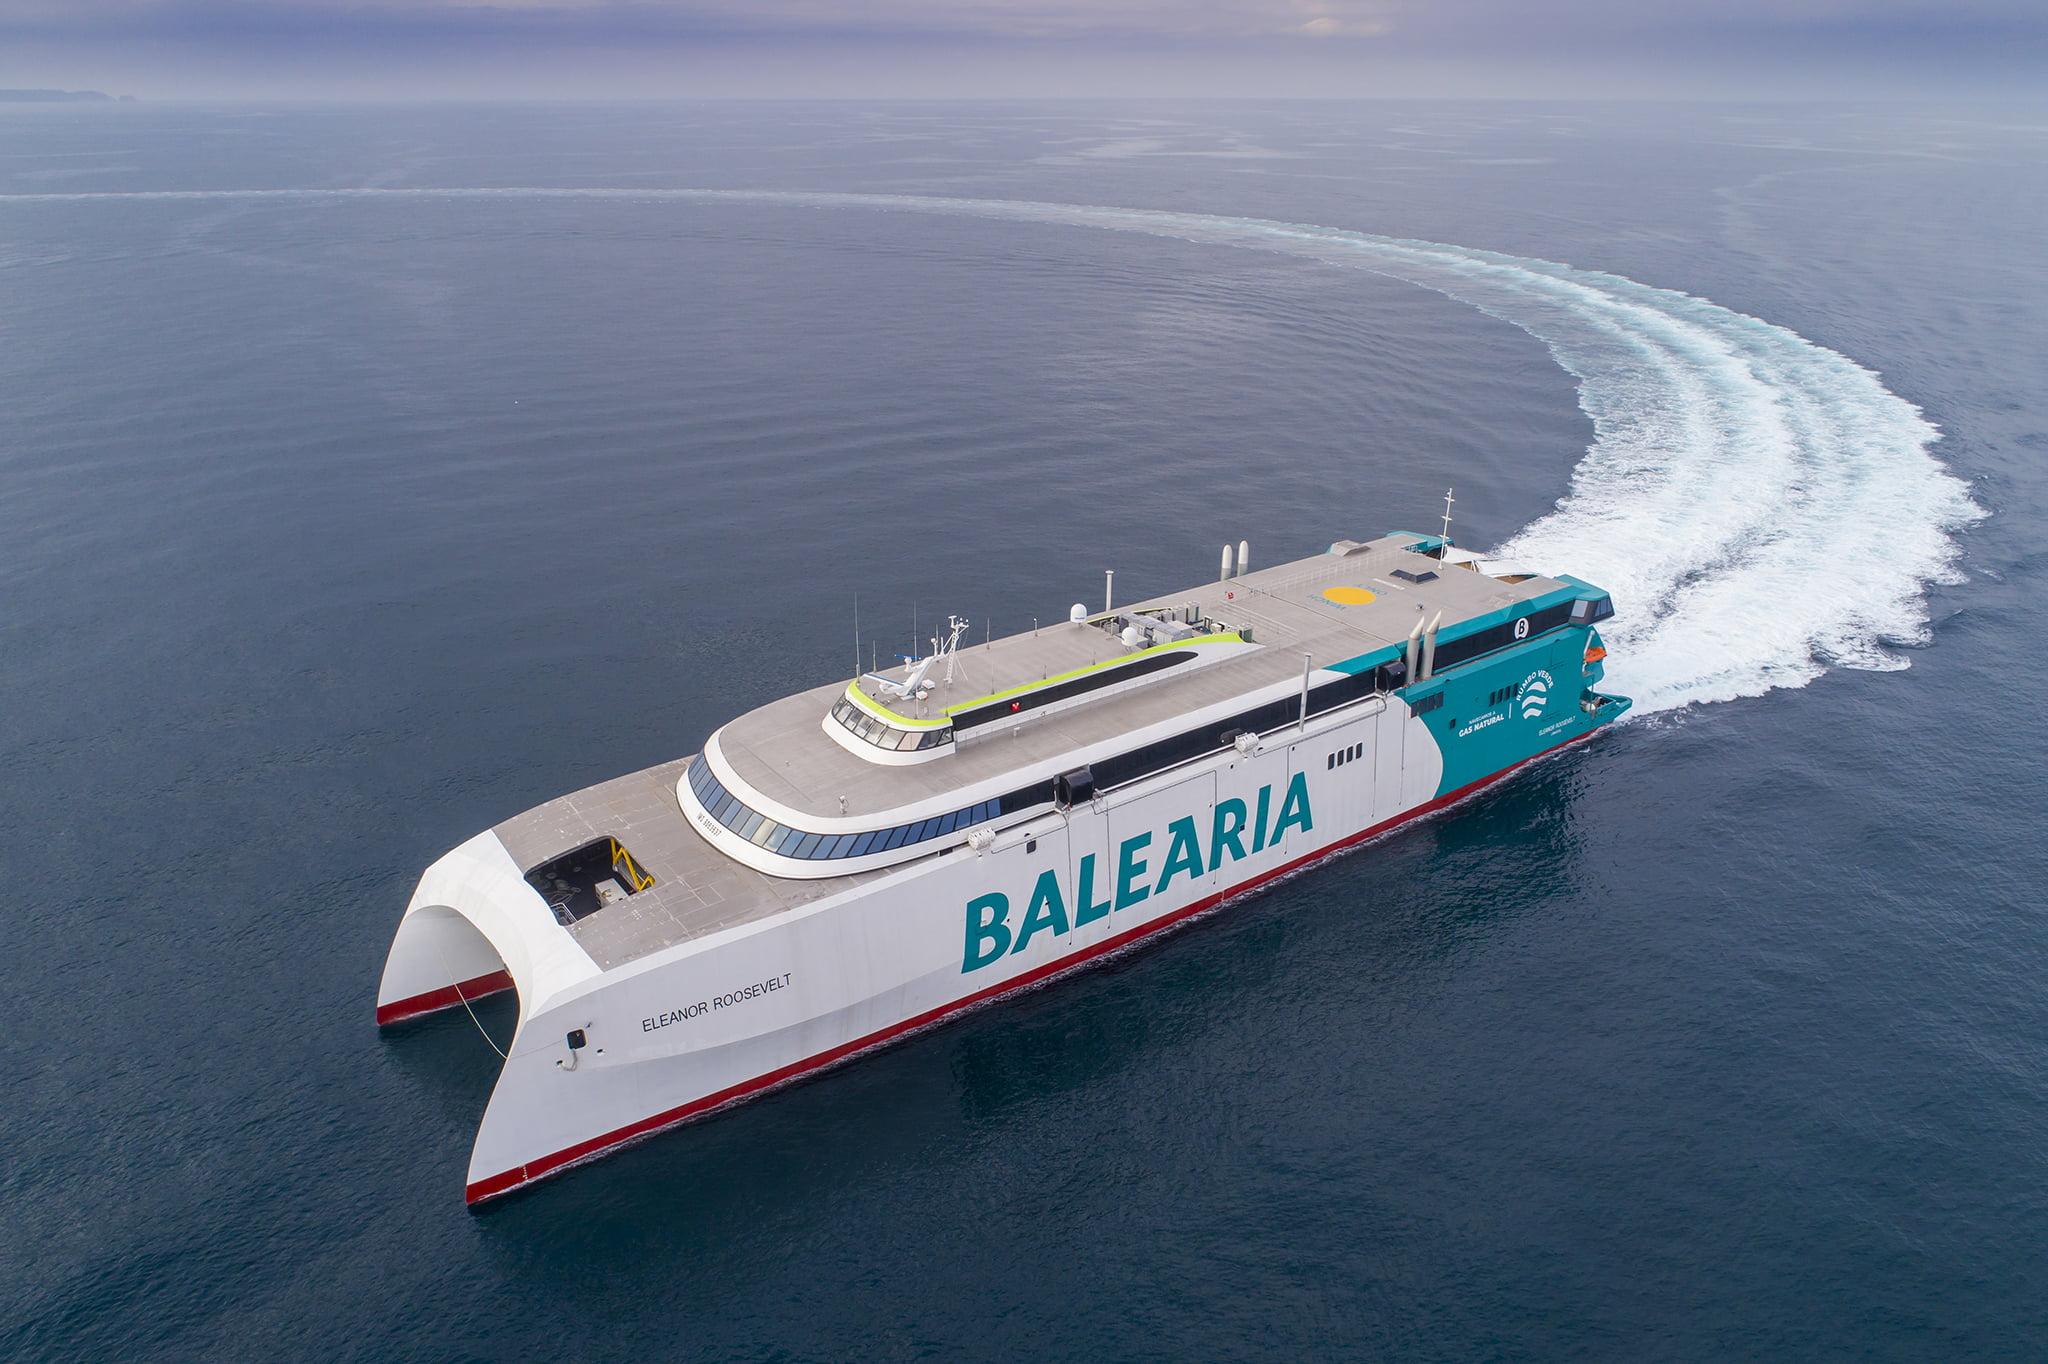 Tras los primeros test del buque navegando a diésel, en las próximas semanas se llevarán a cabo las pruebas a gas natural